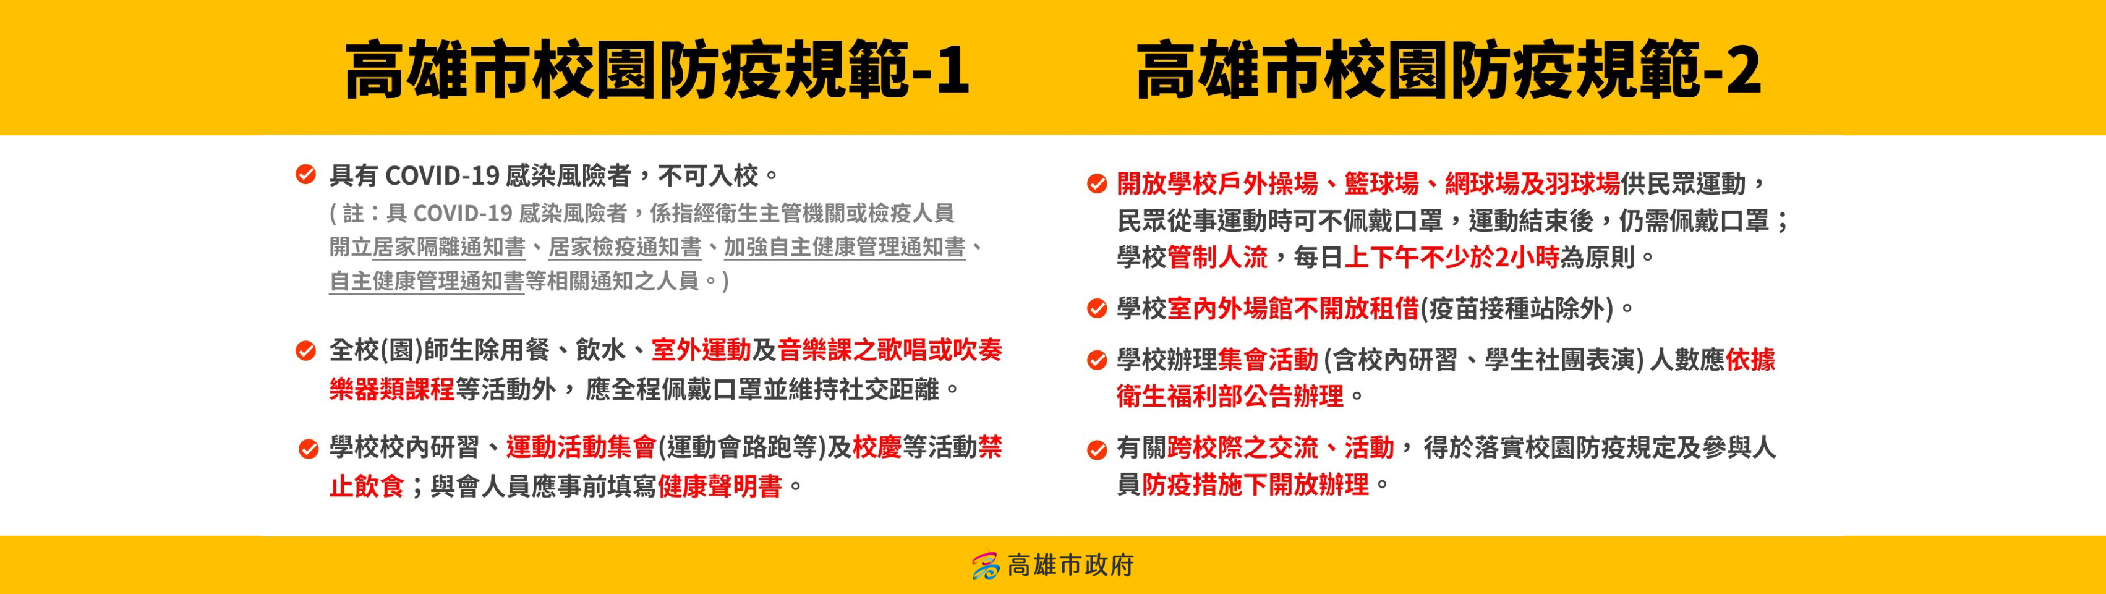 校園防疫規範12